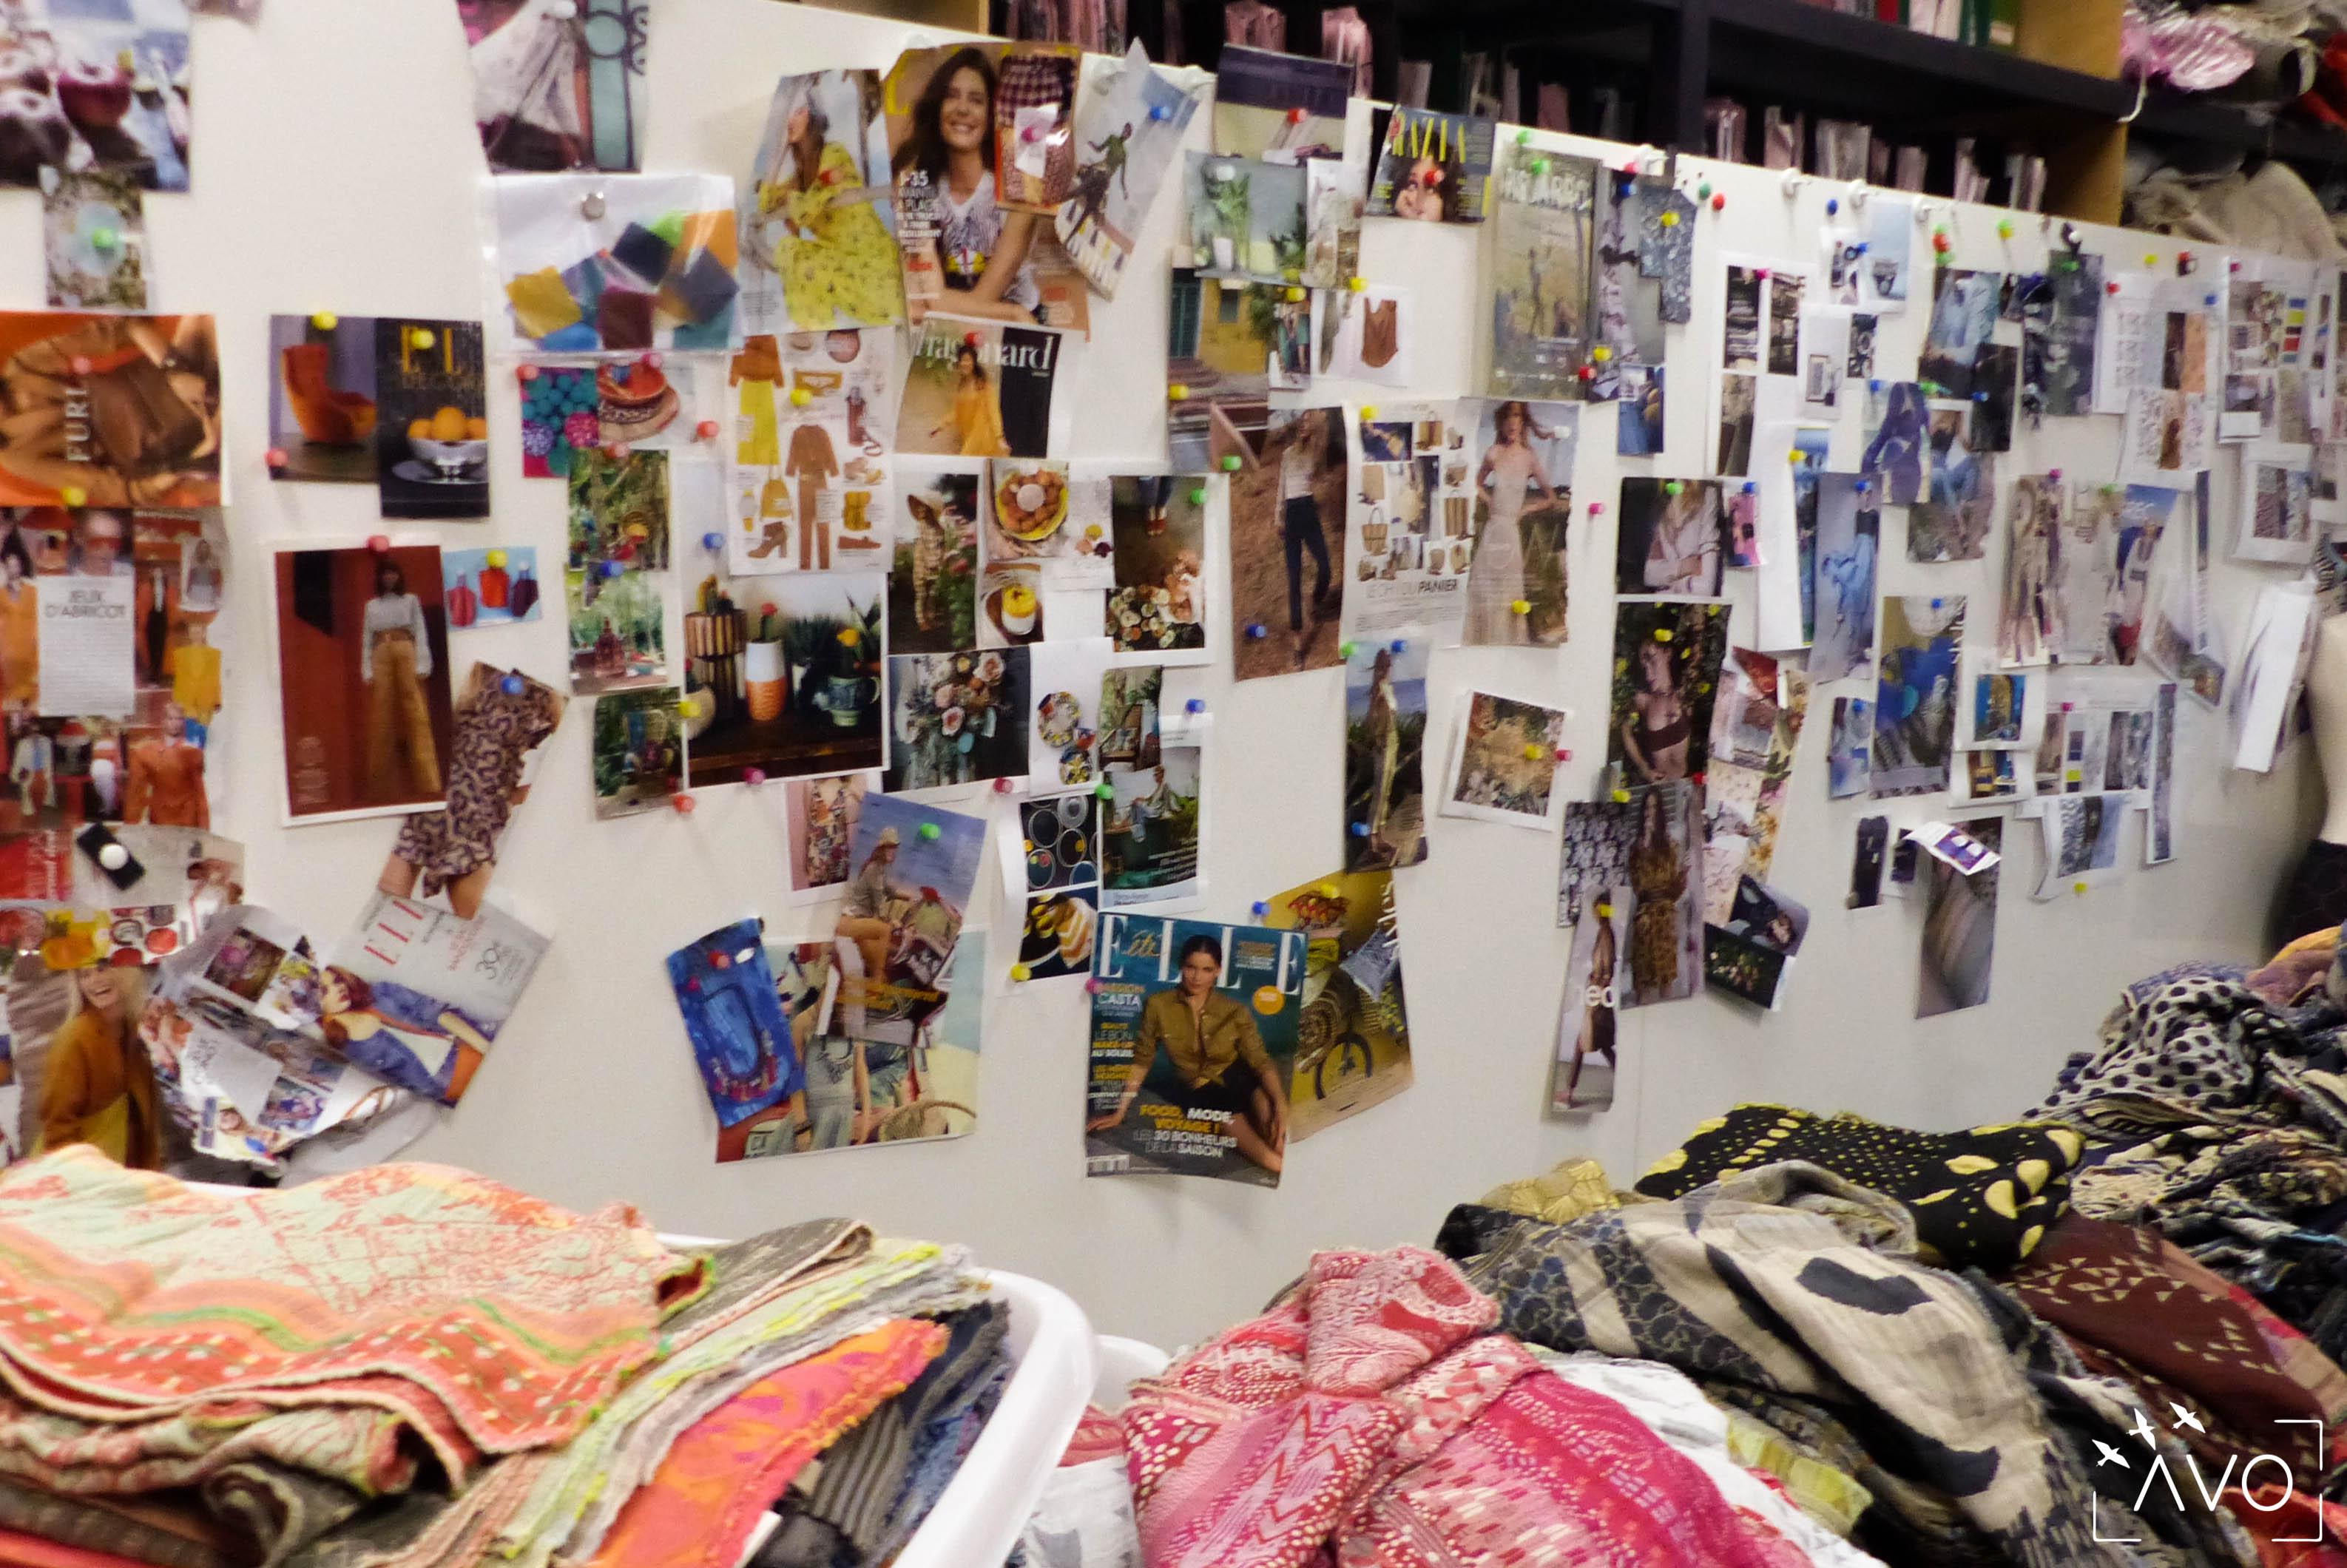 étole Létol foulard madeinfrance style